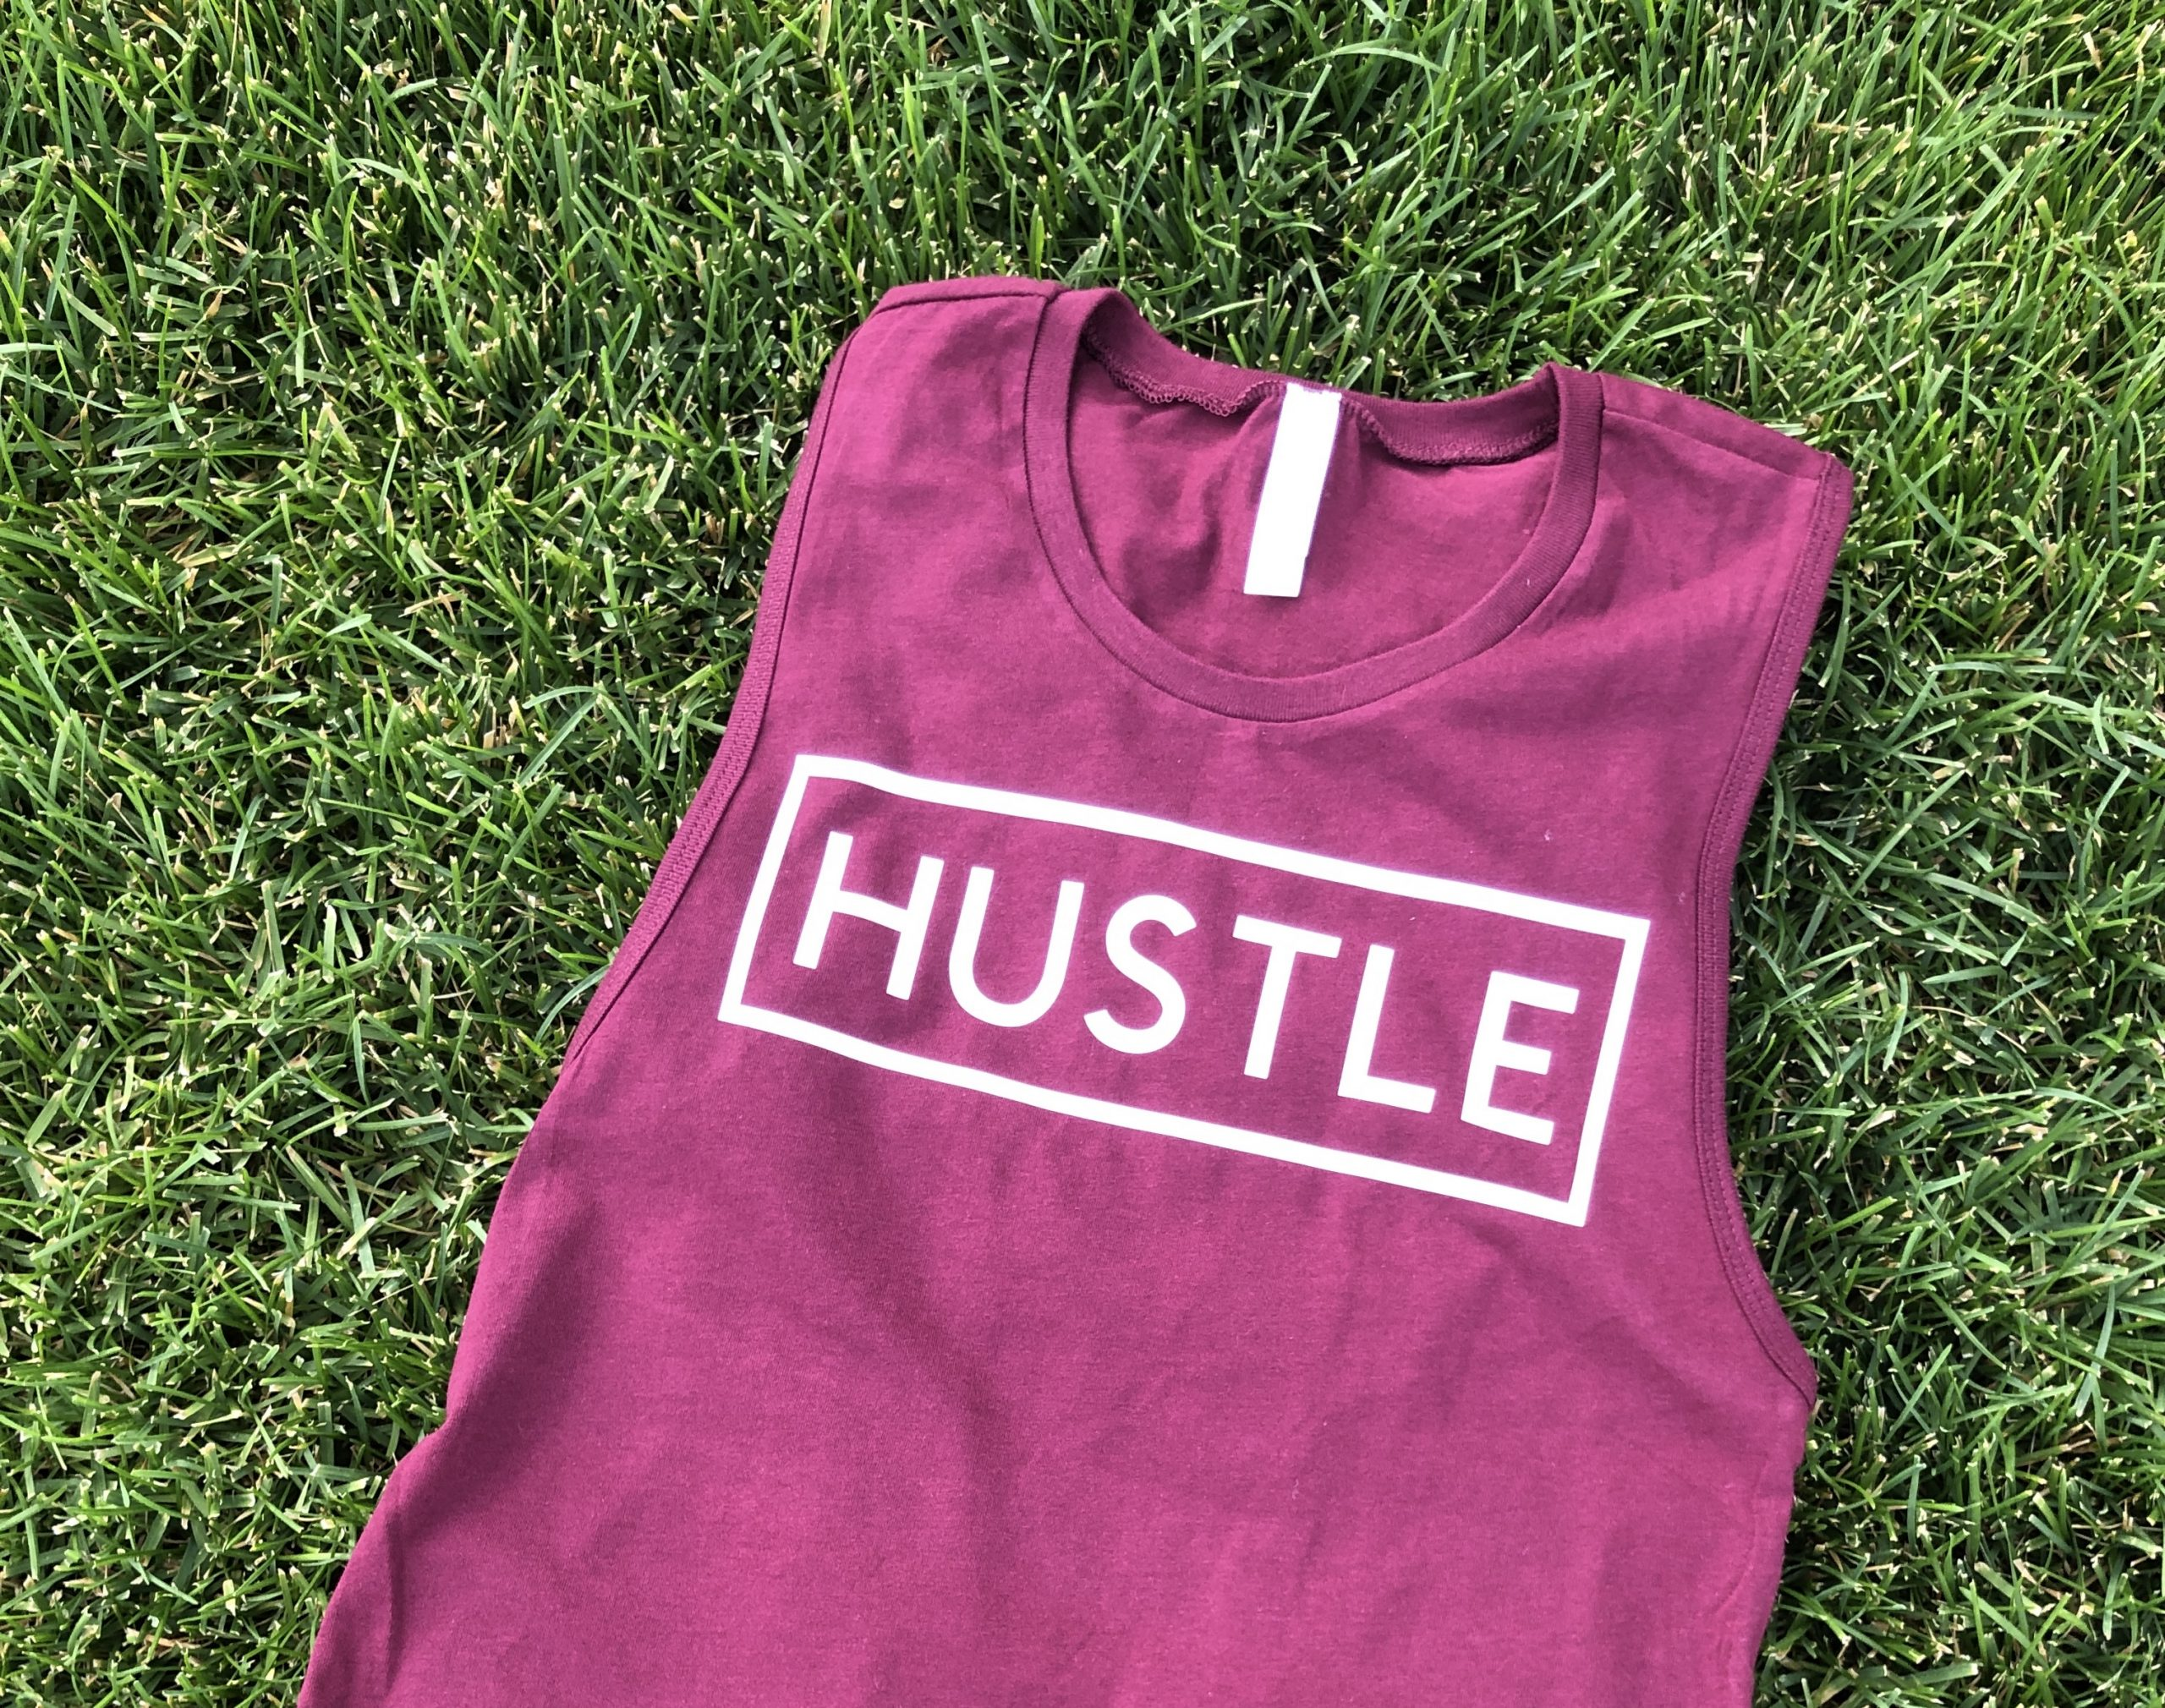 hustle muscle tank